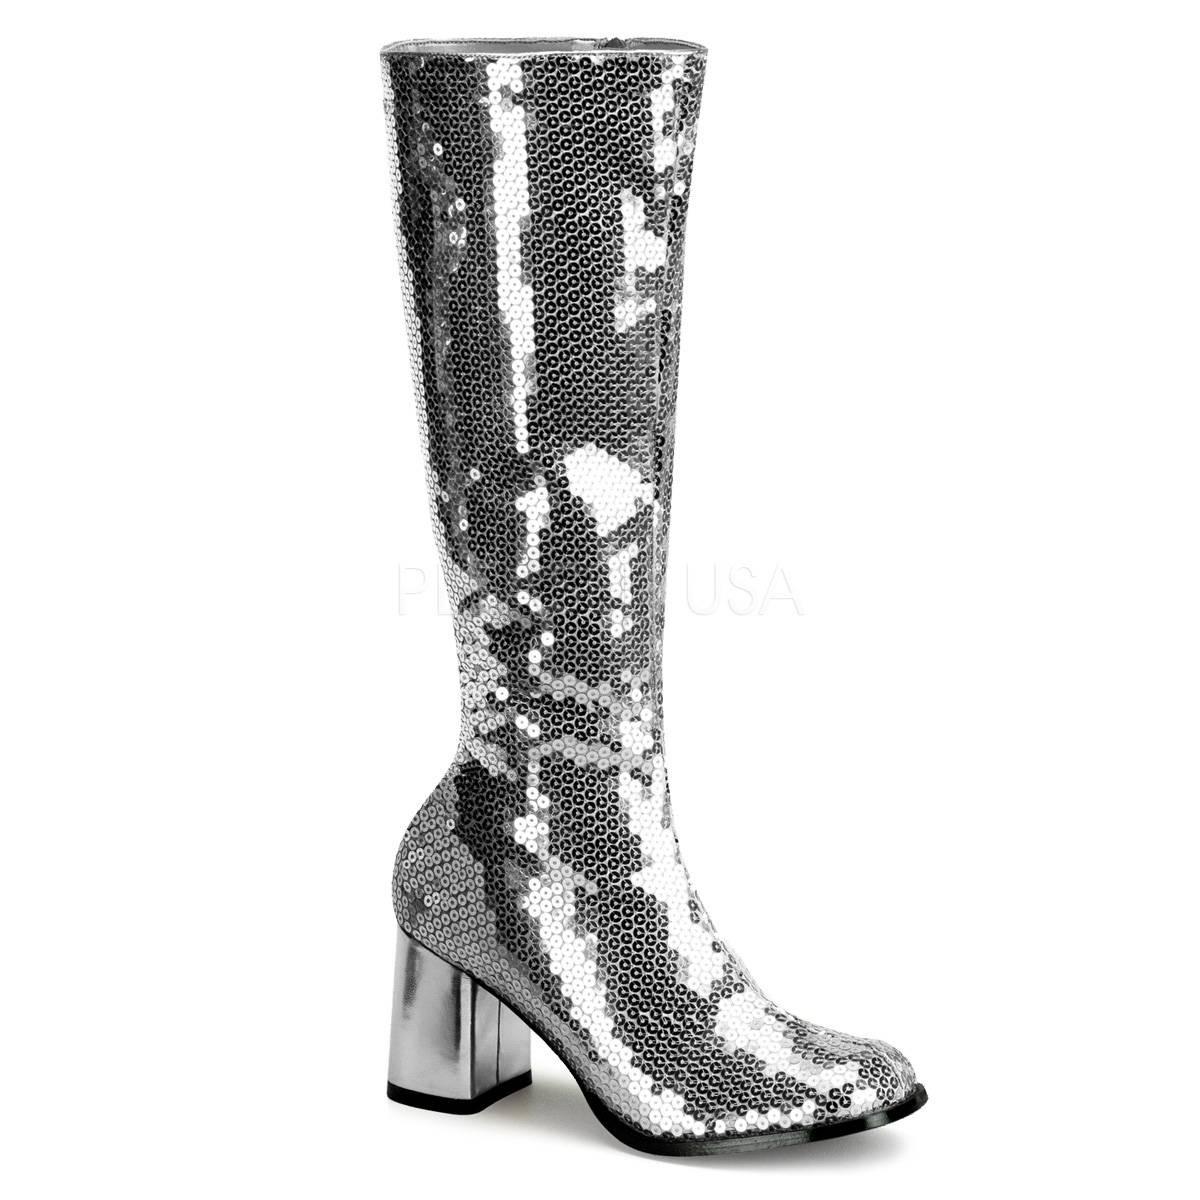 Stiefel - SPECTACUL 300SQ ° Damen Stiefel ° Silber Pailetten ° Bordello  - Onlineshop RedSixty